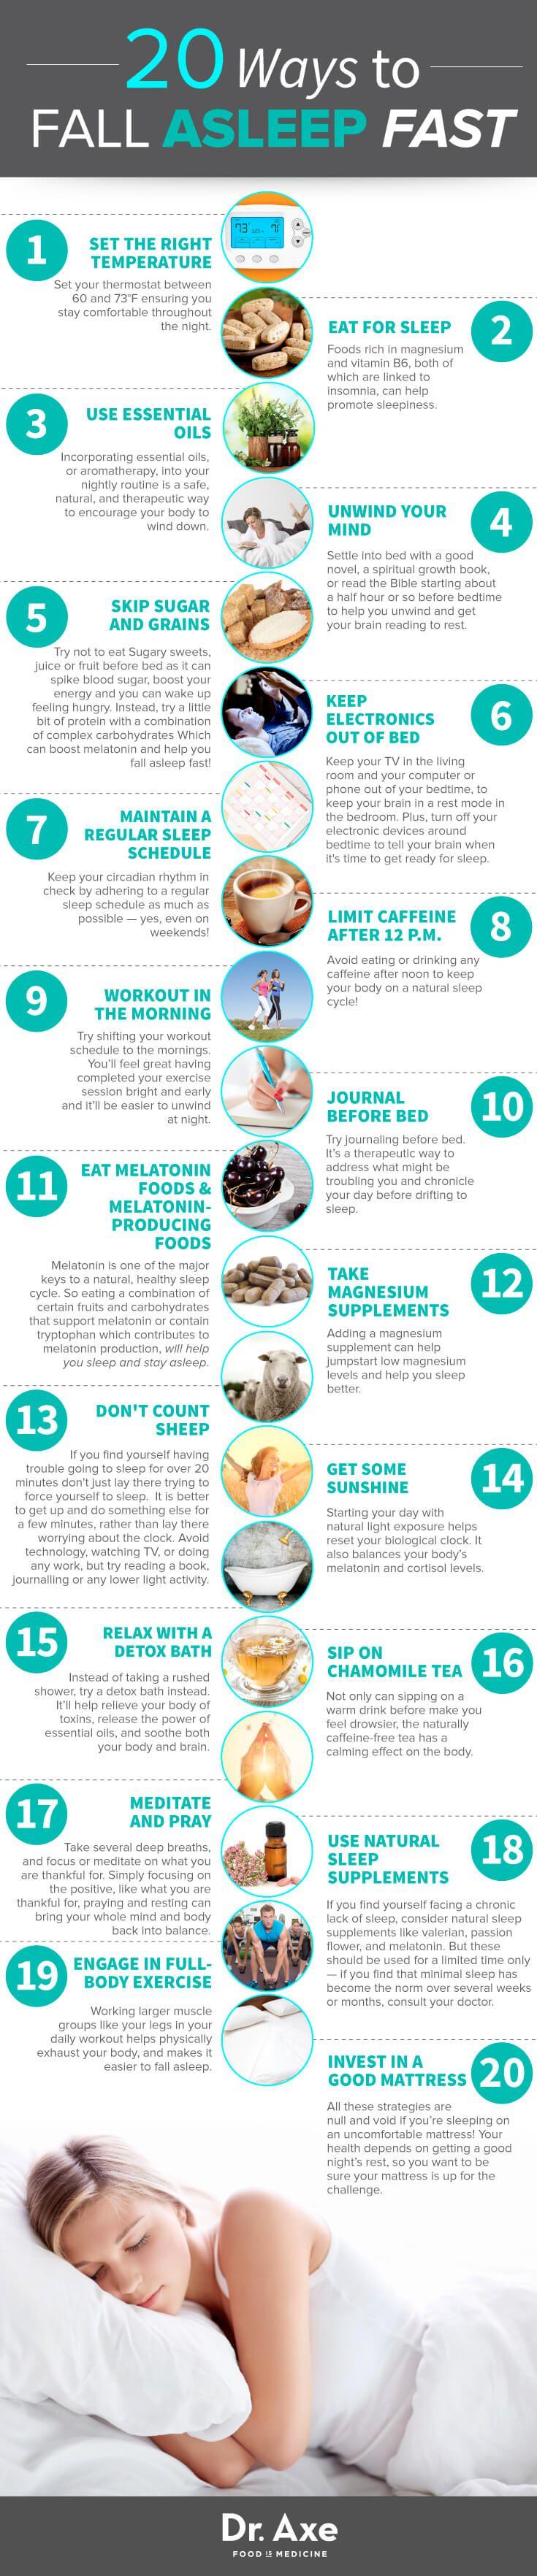 Schlafen und Fitness und Wohlbefinden gehörten zusammen - Wenn Du nicht gut schläfst, hier ein paar hilfreiche Tipps *** Sleep is important for staying fit and healthy - Fall Asleep Fast Infographic -